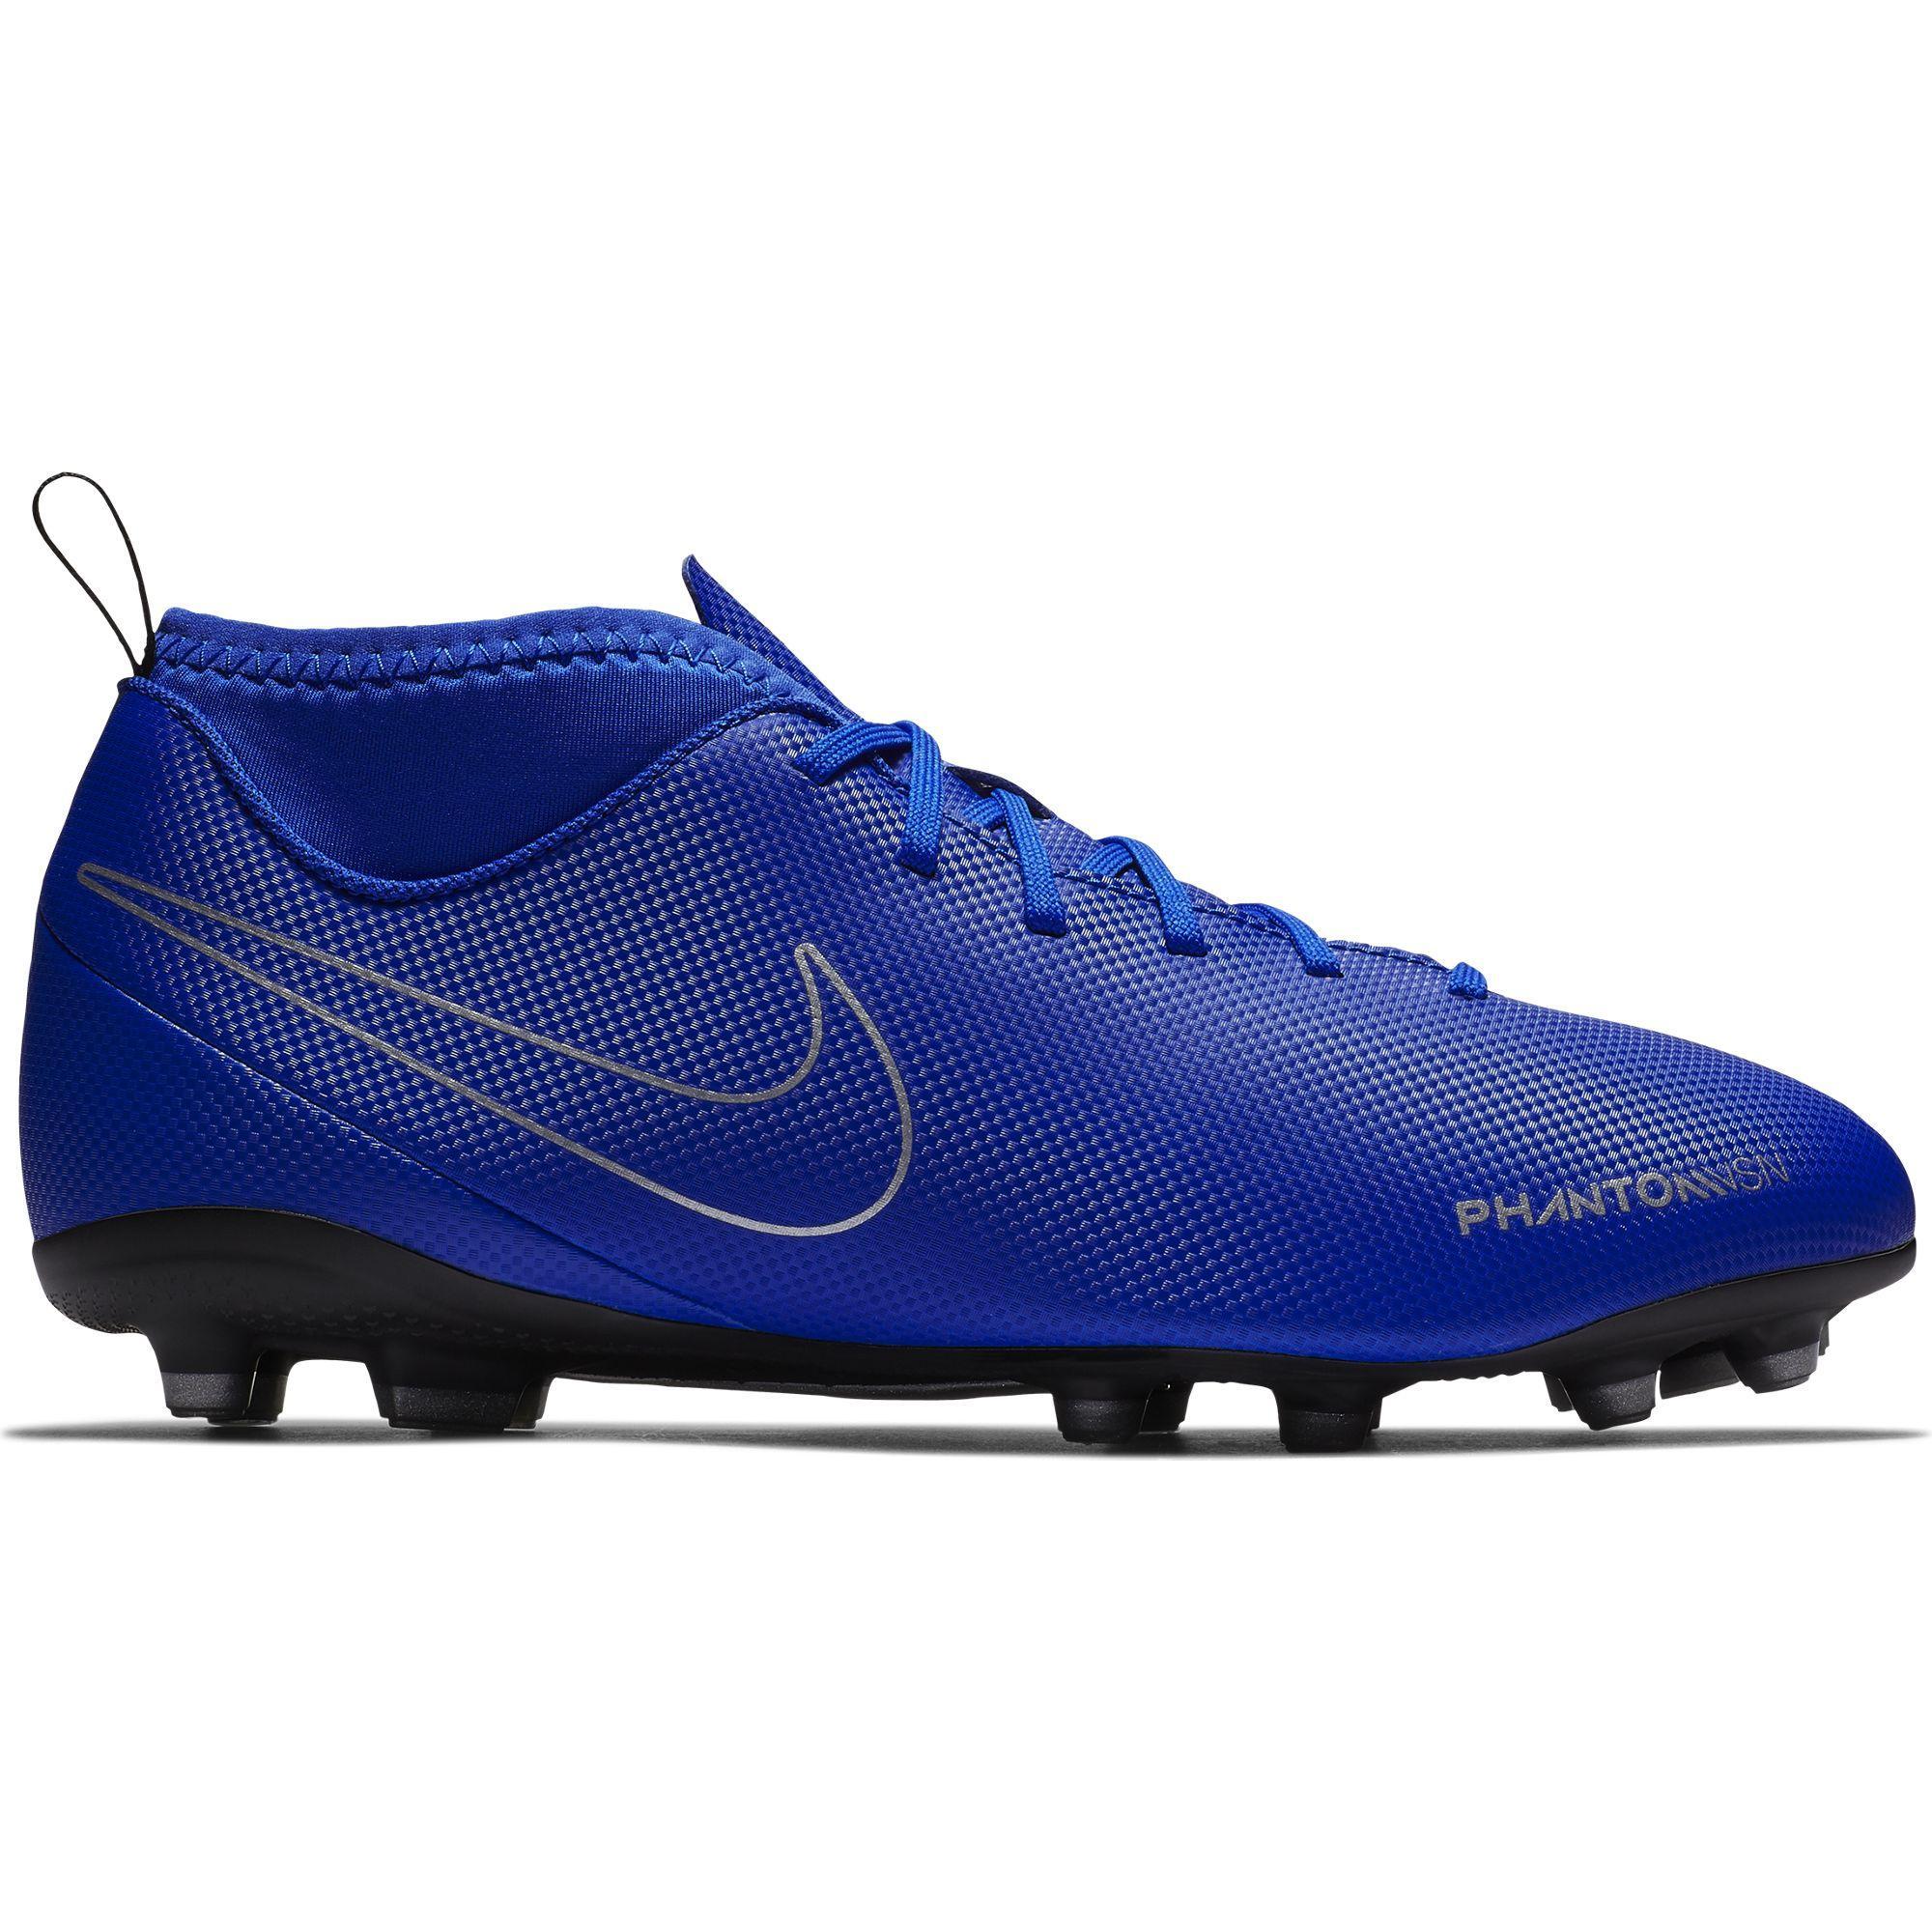 brand new b8410 7e120 Nike Football Shoes Phantom Vision Club Dynamic Fit Mg Junior Racer ...